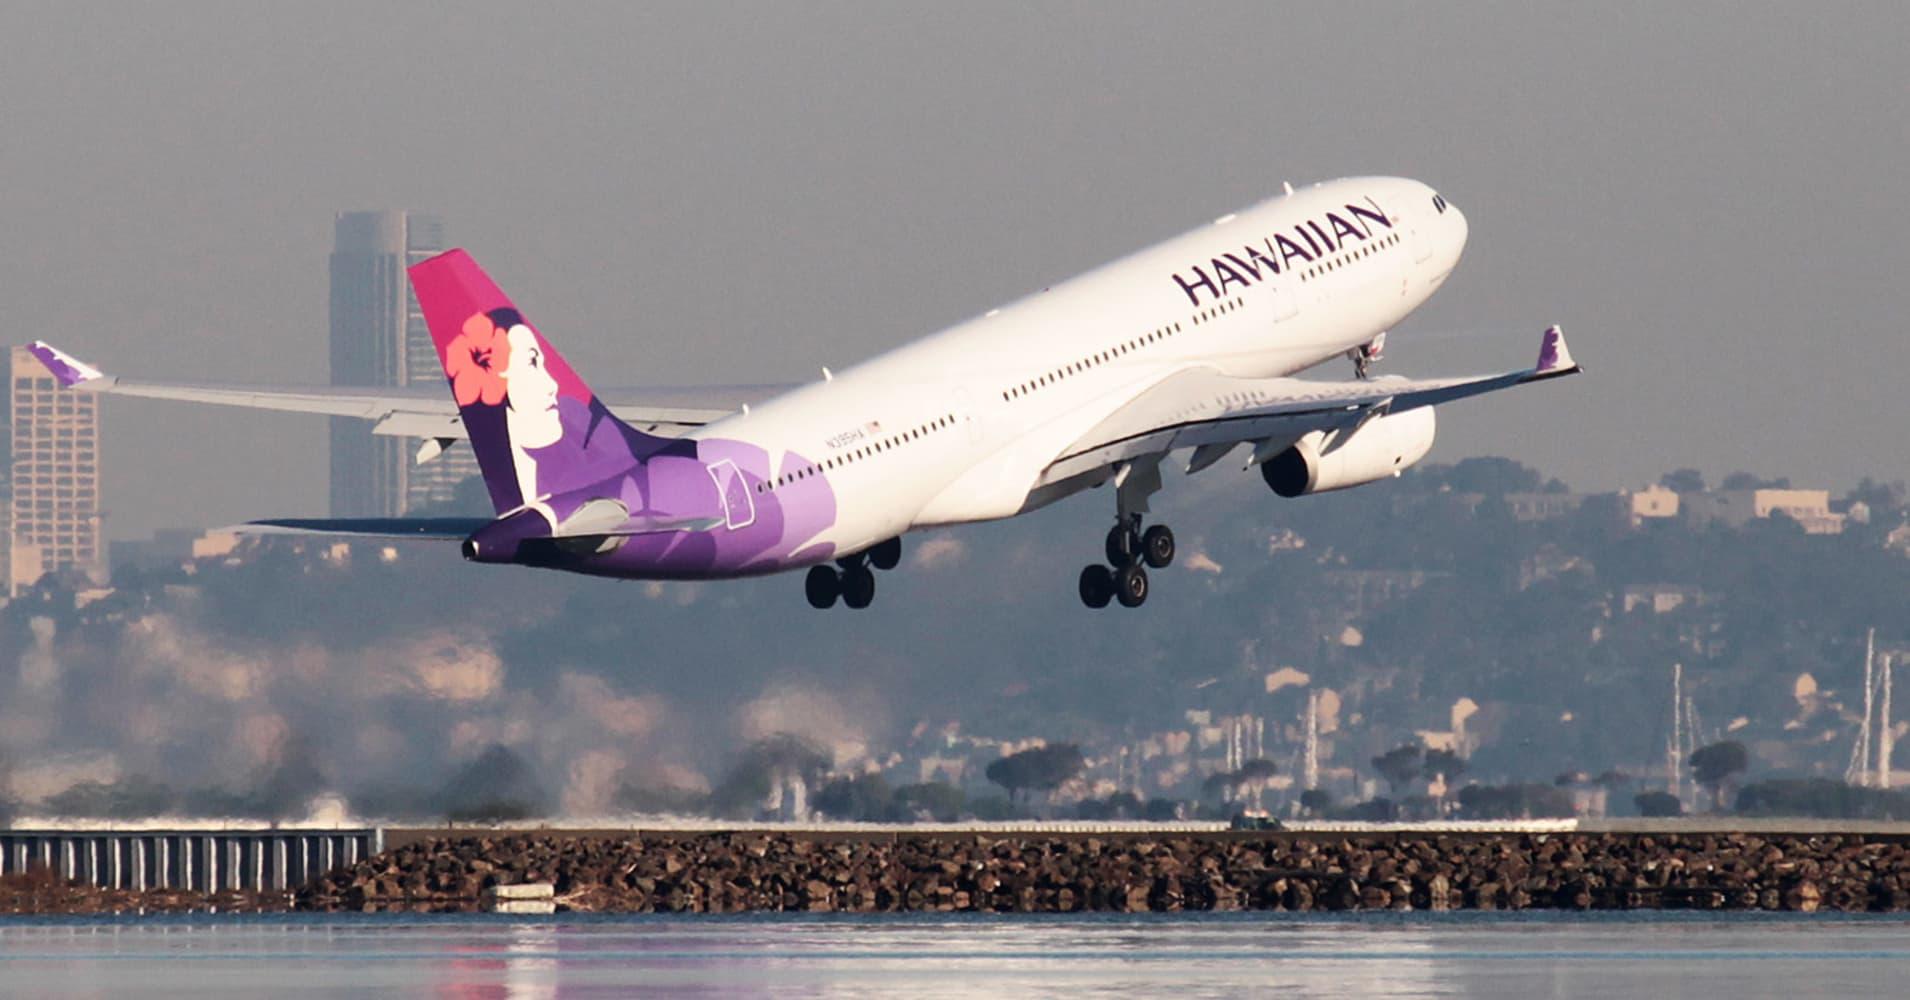 Hawaiian Airlines to launch longest nonstop flight in America